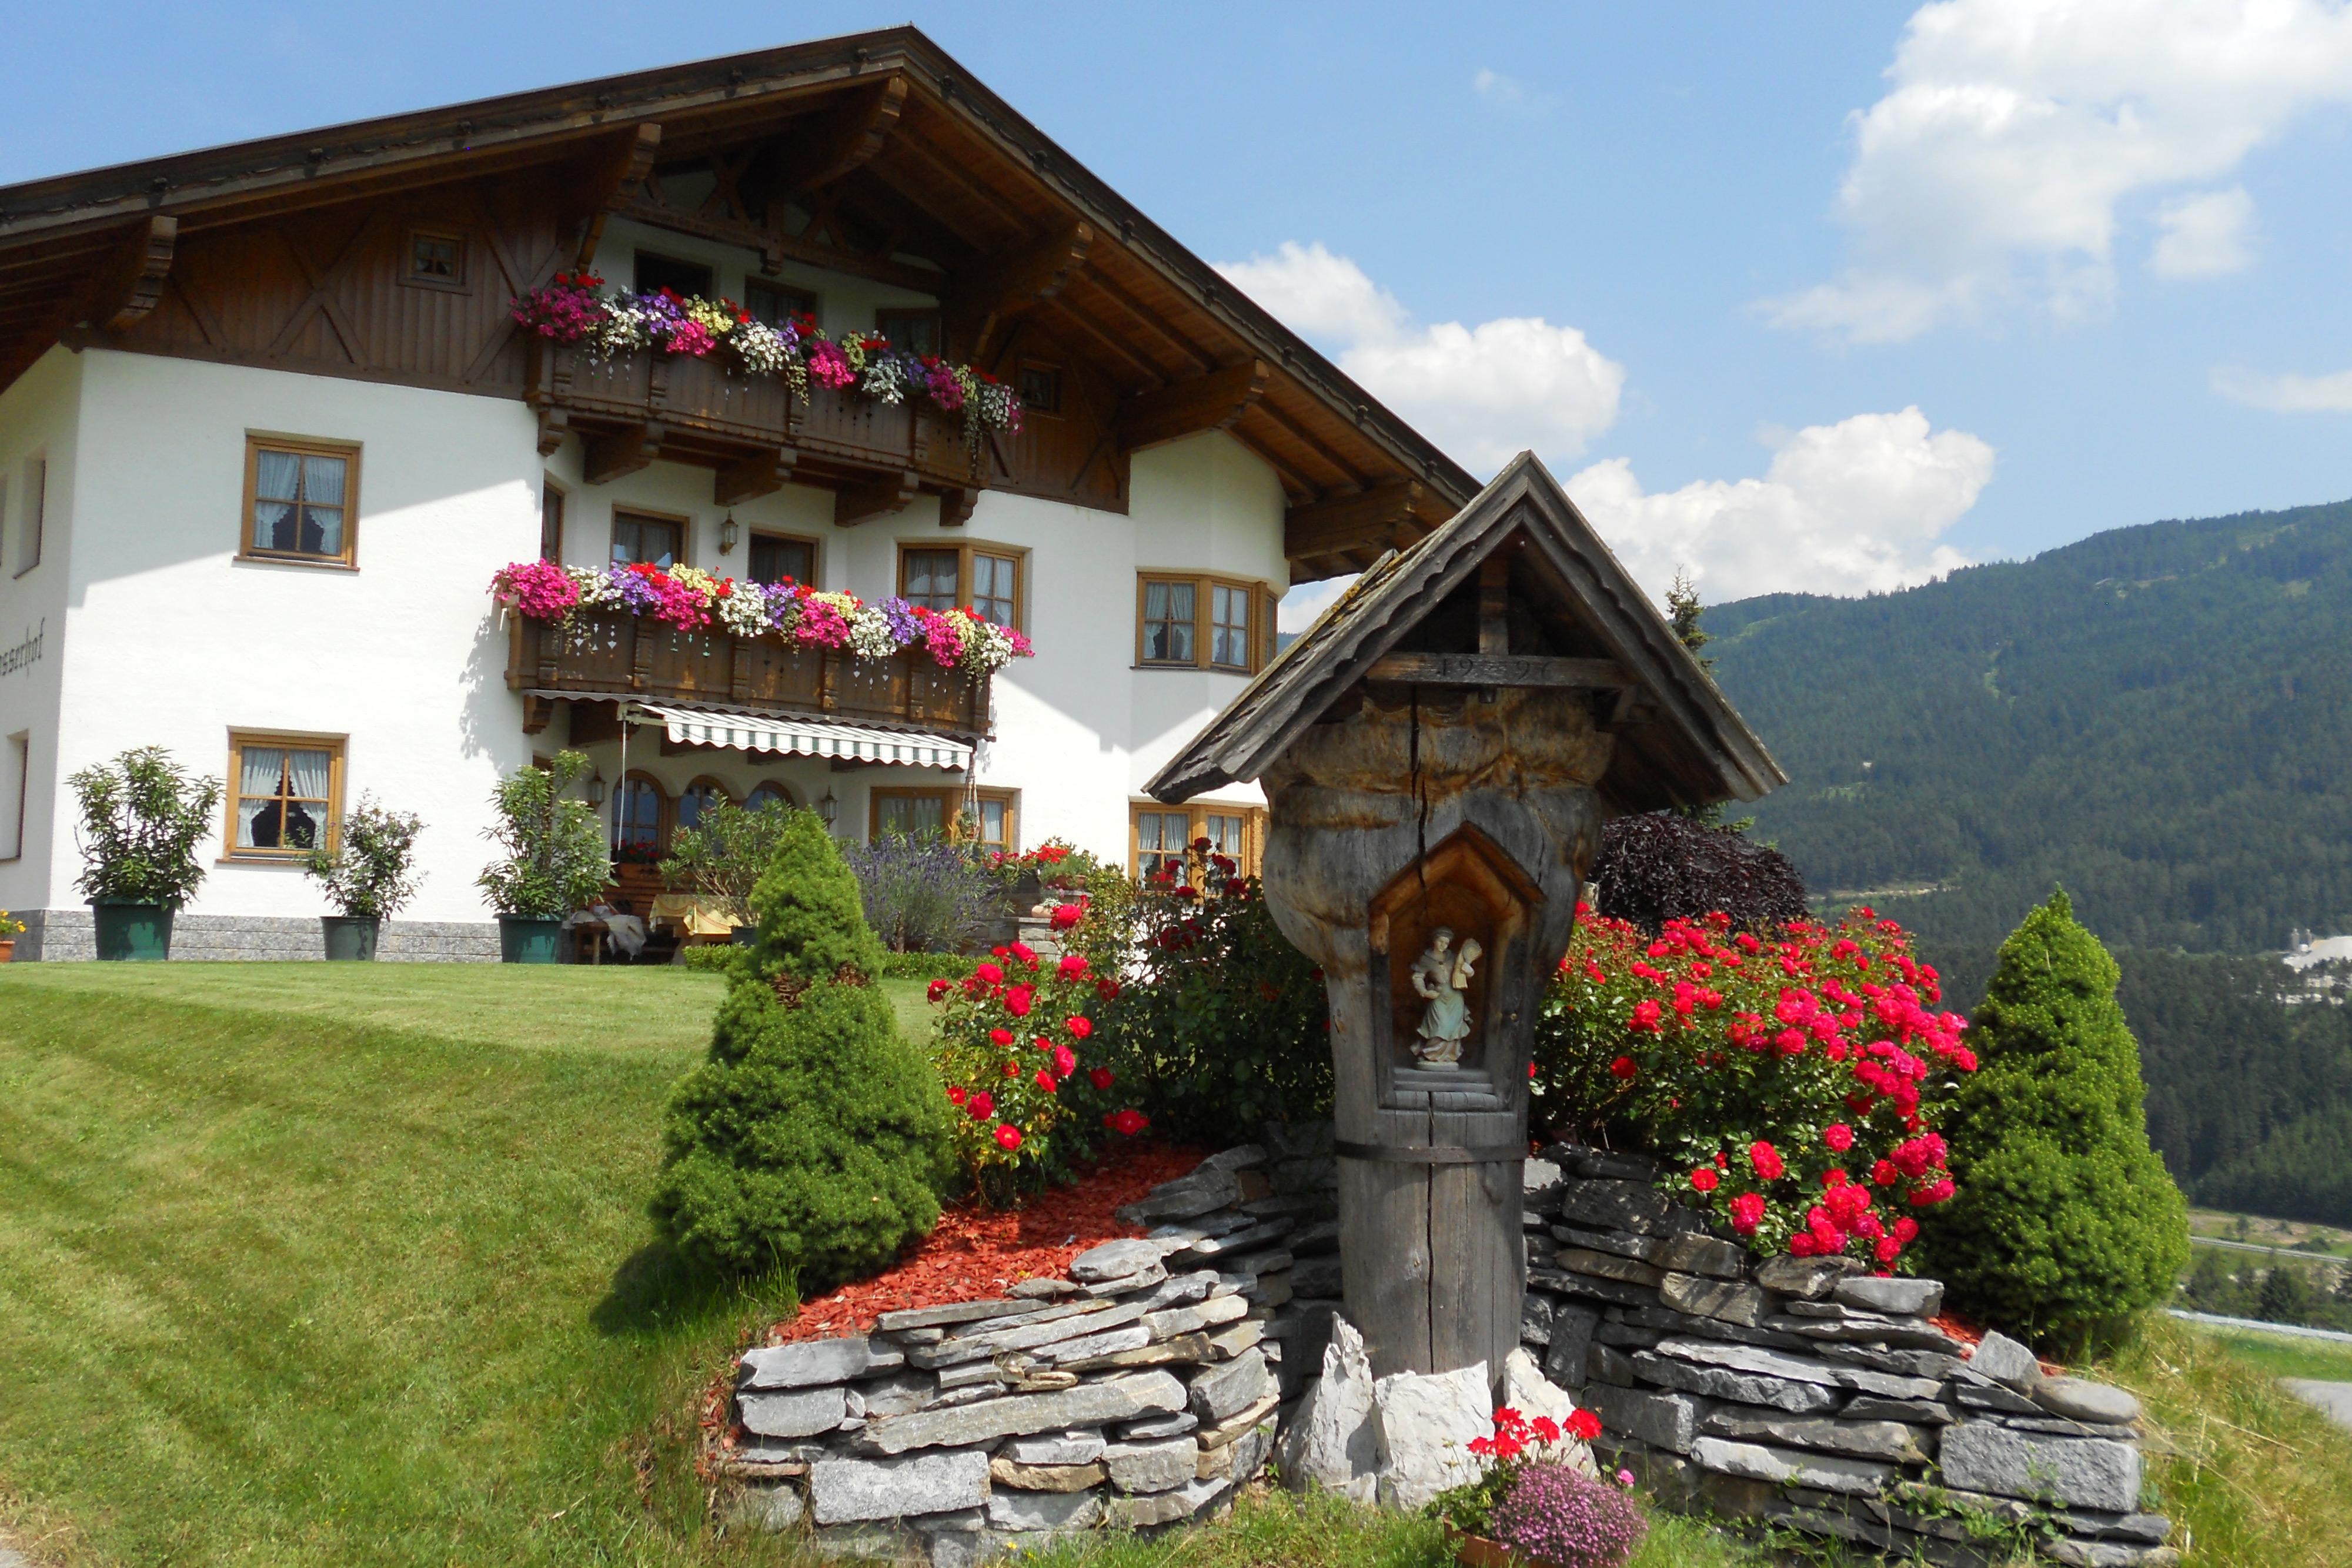 Huis met rozen in Telfes